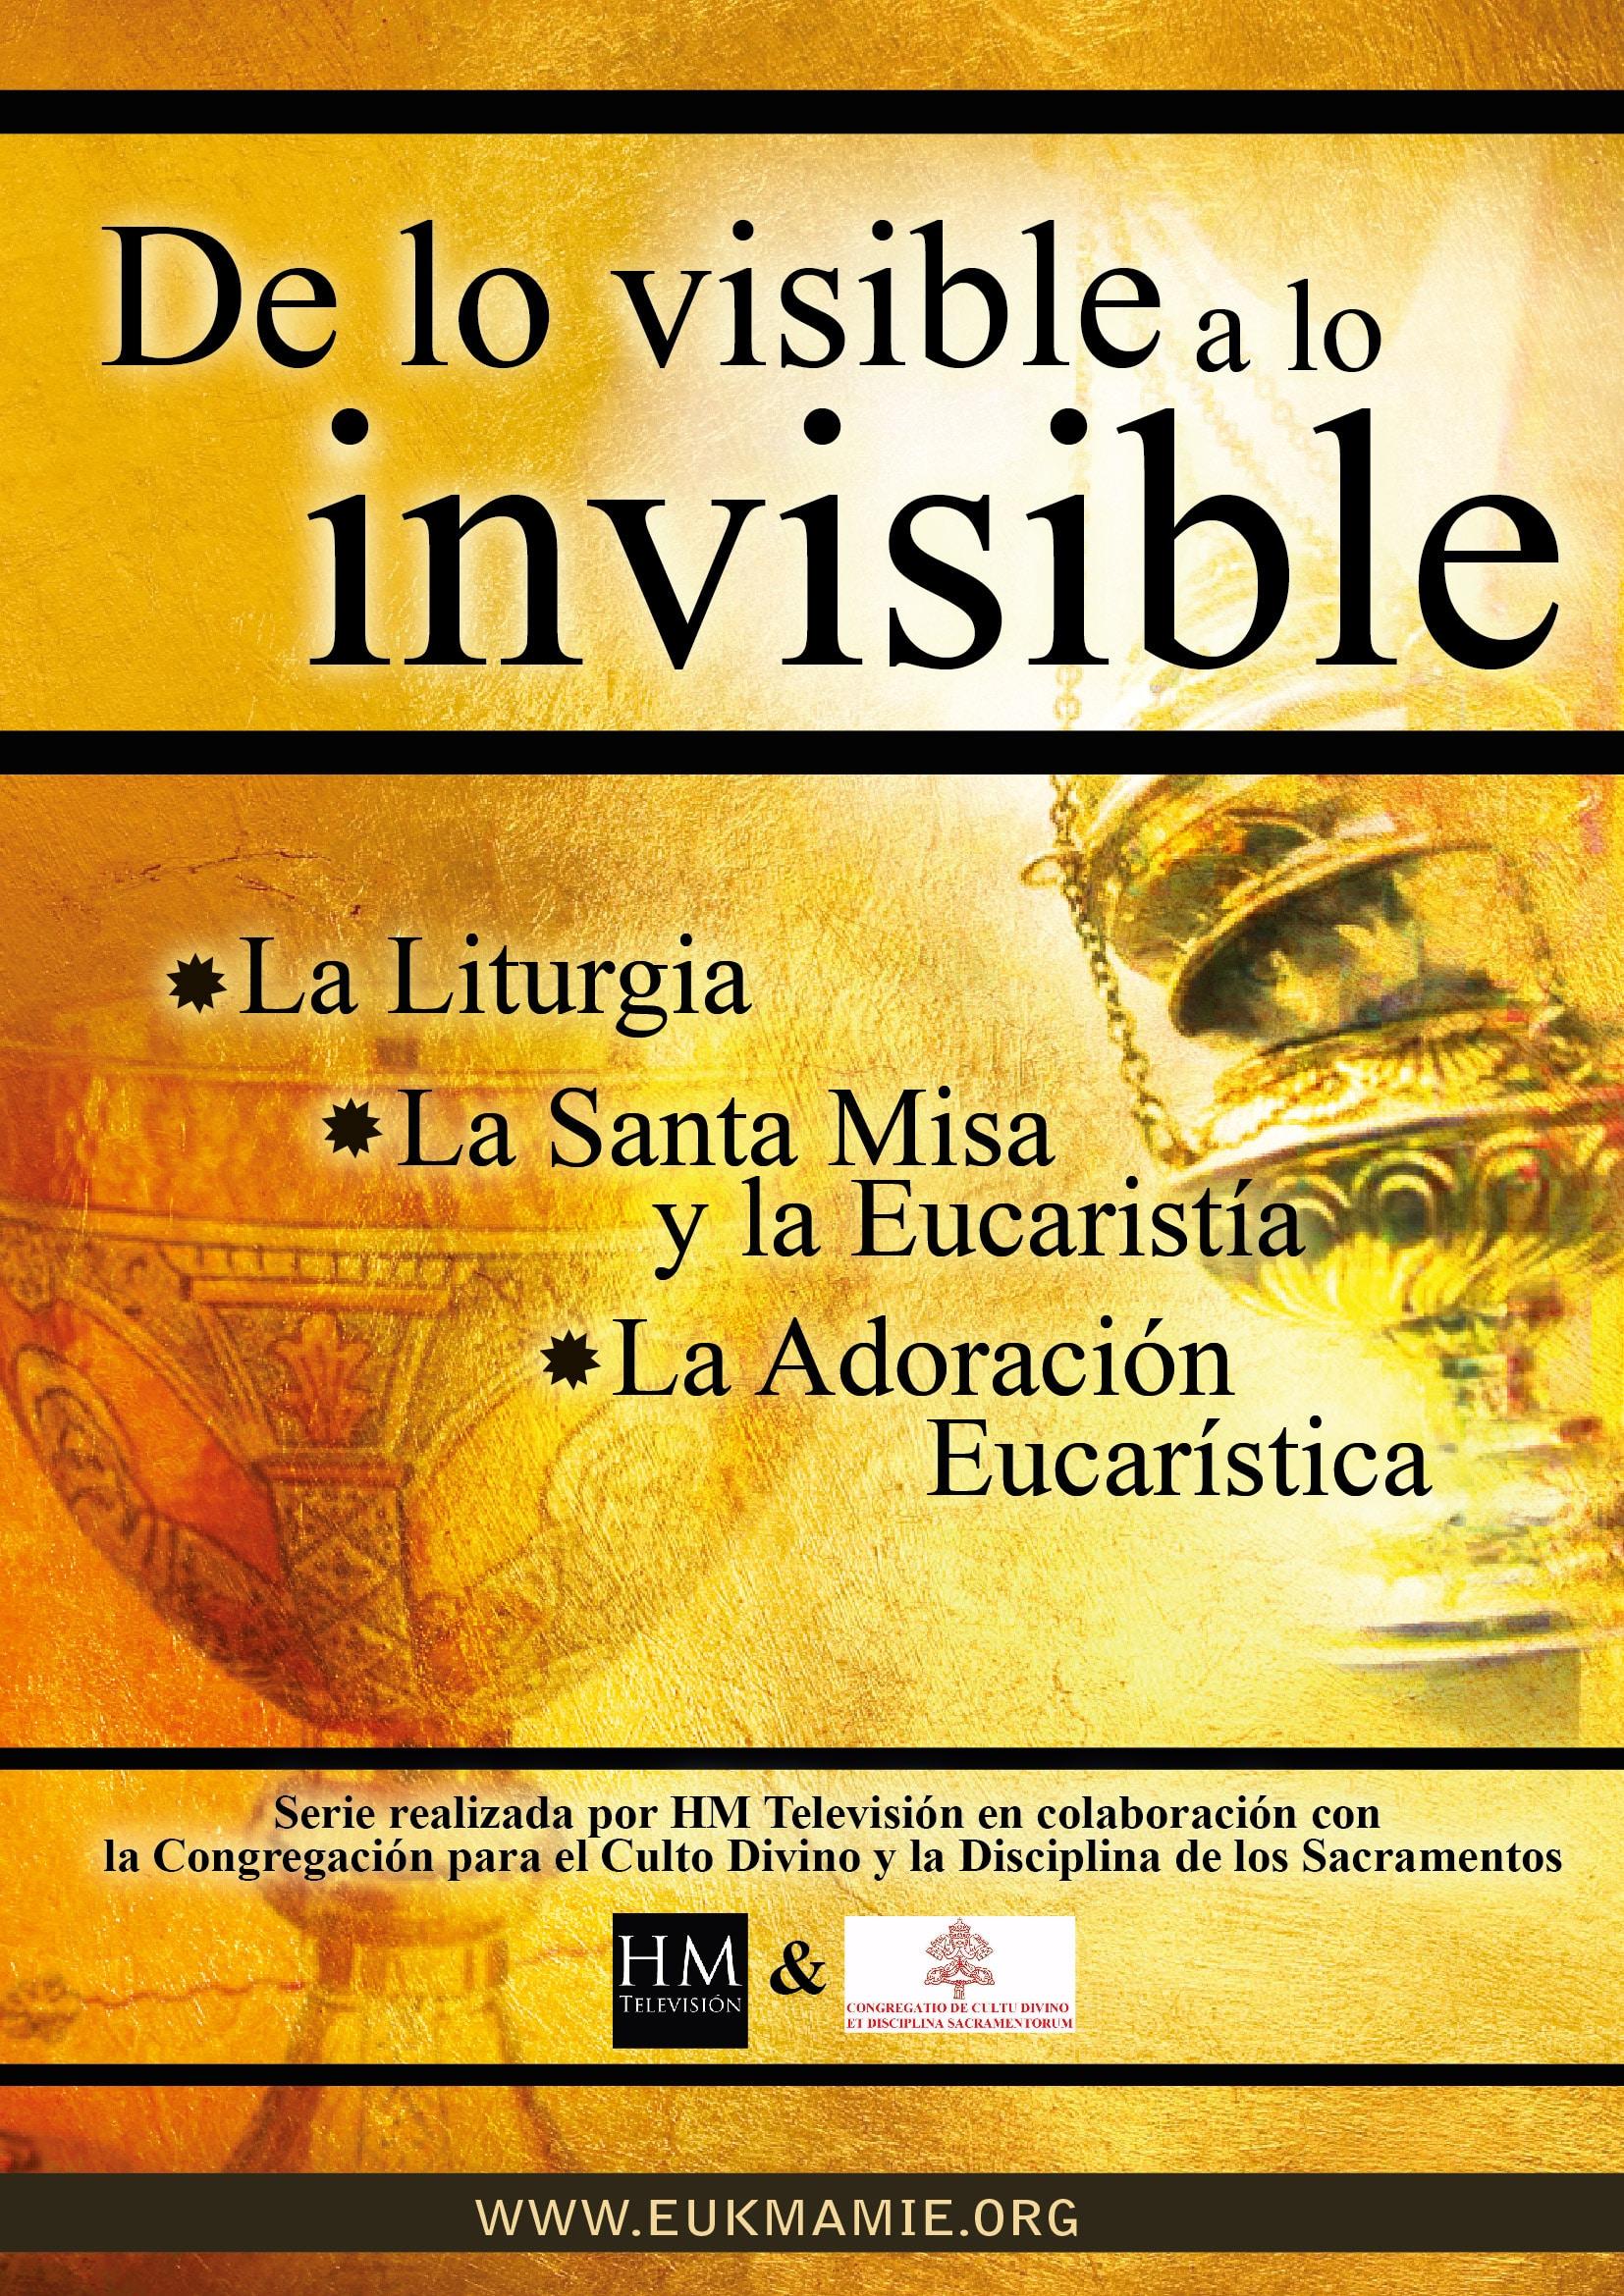 De lo visible a lo invisible